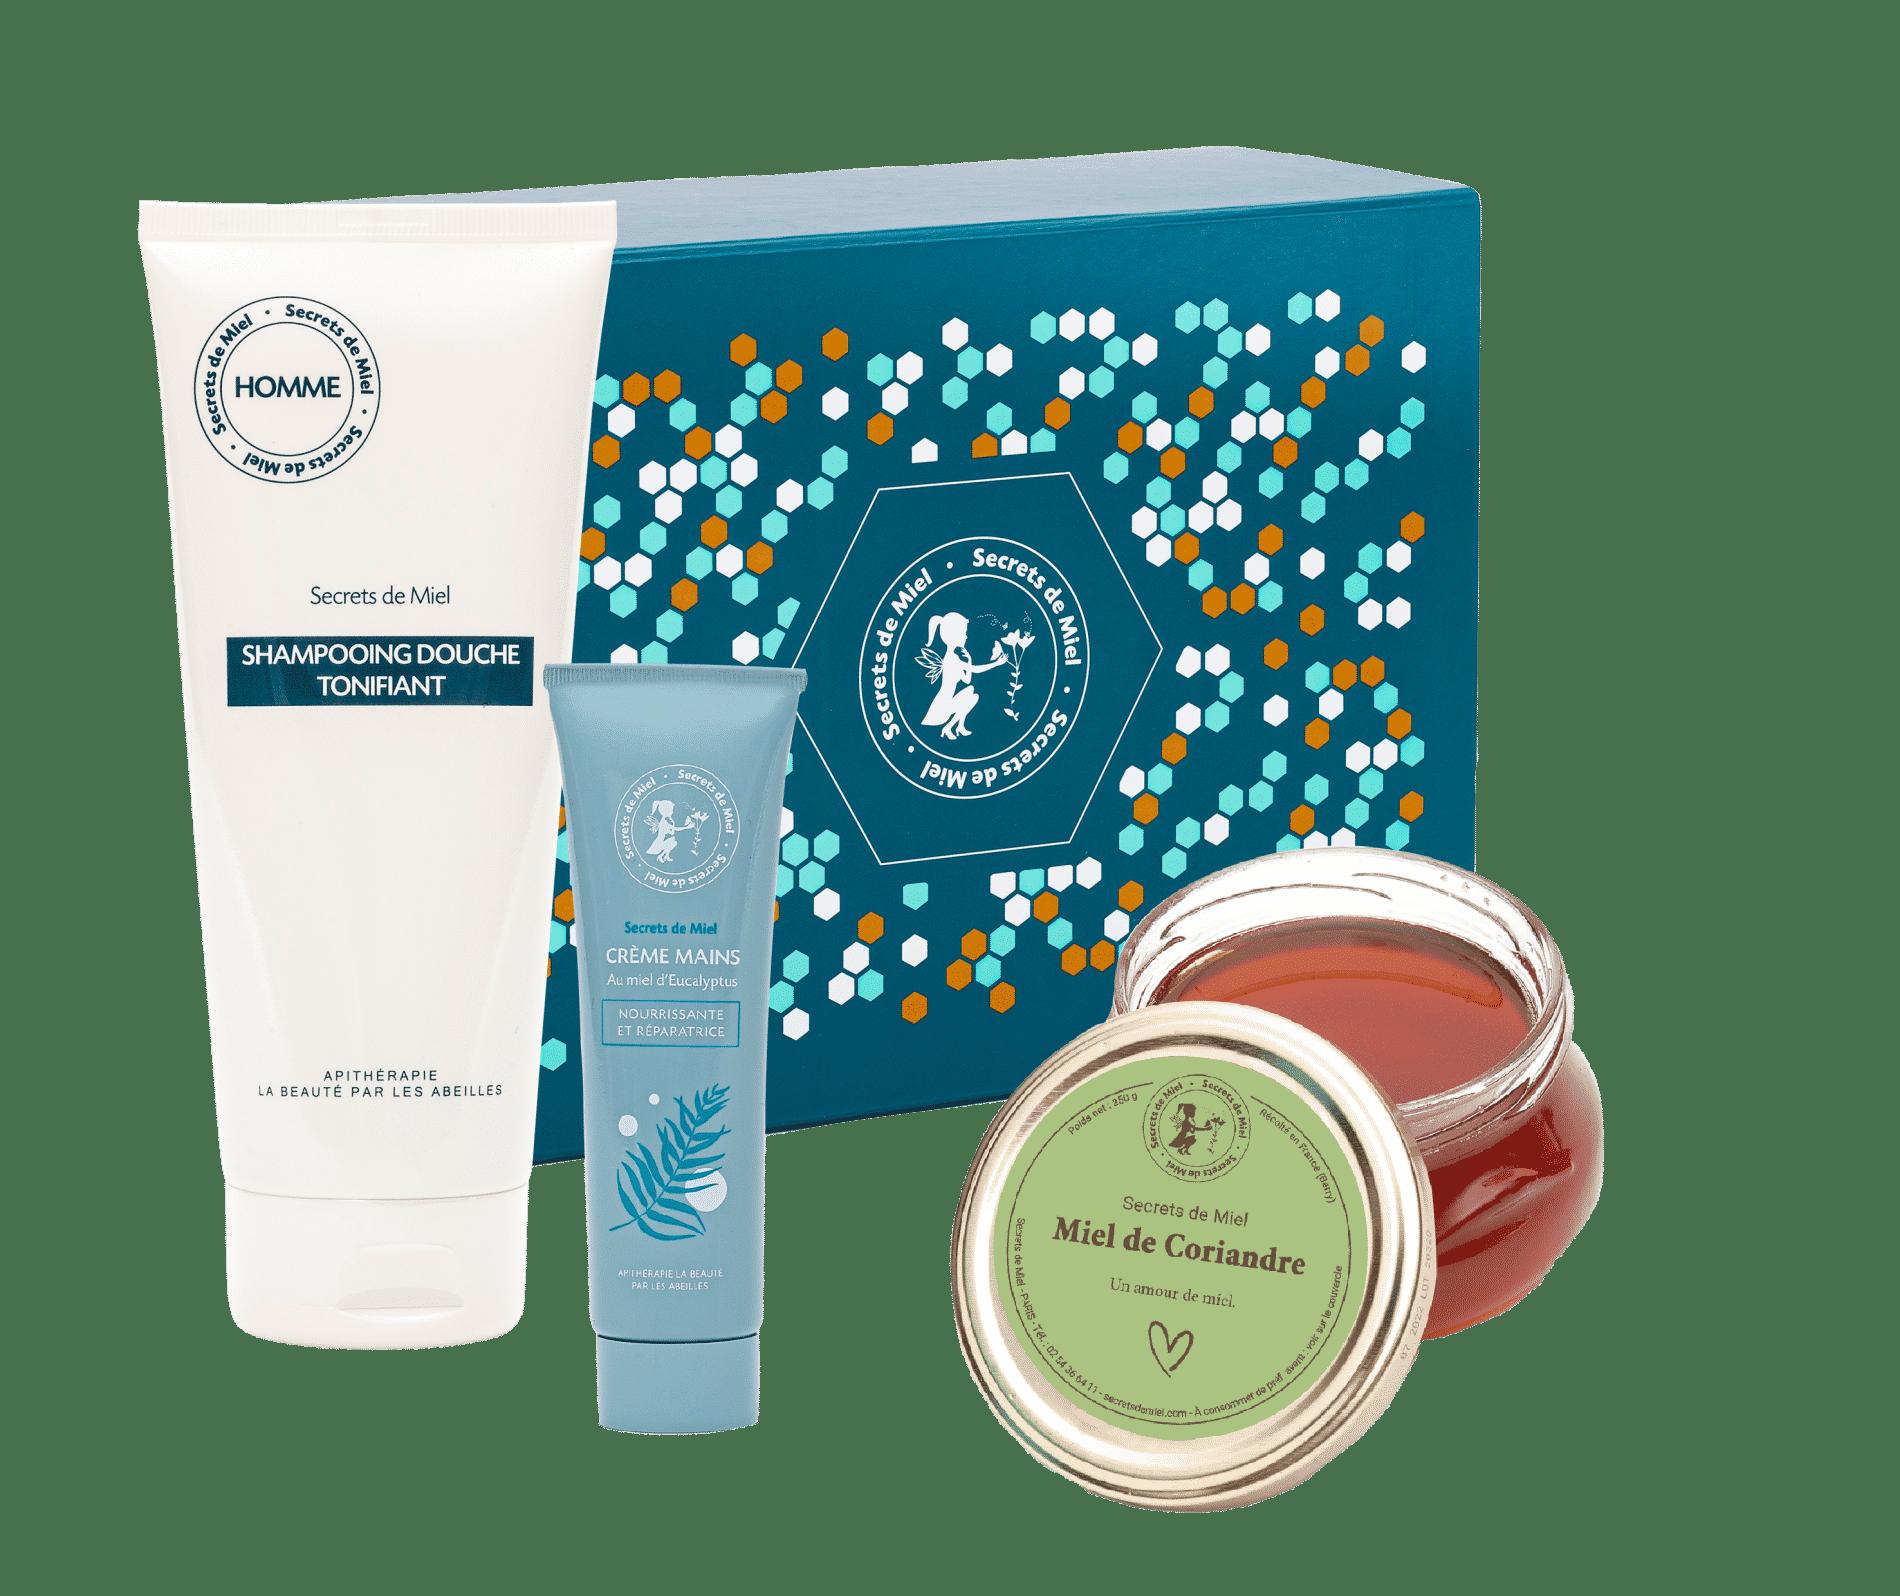 cadeau Fête des pères - Secrets de Miel - miel de Coriandre - coffret - made in France - cosmétiques - soins corps - miel - gourmand